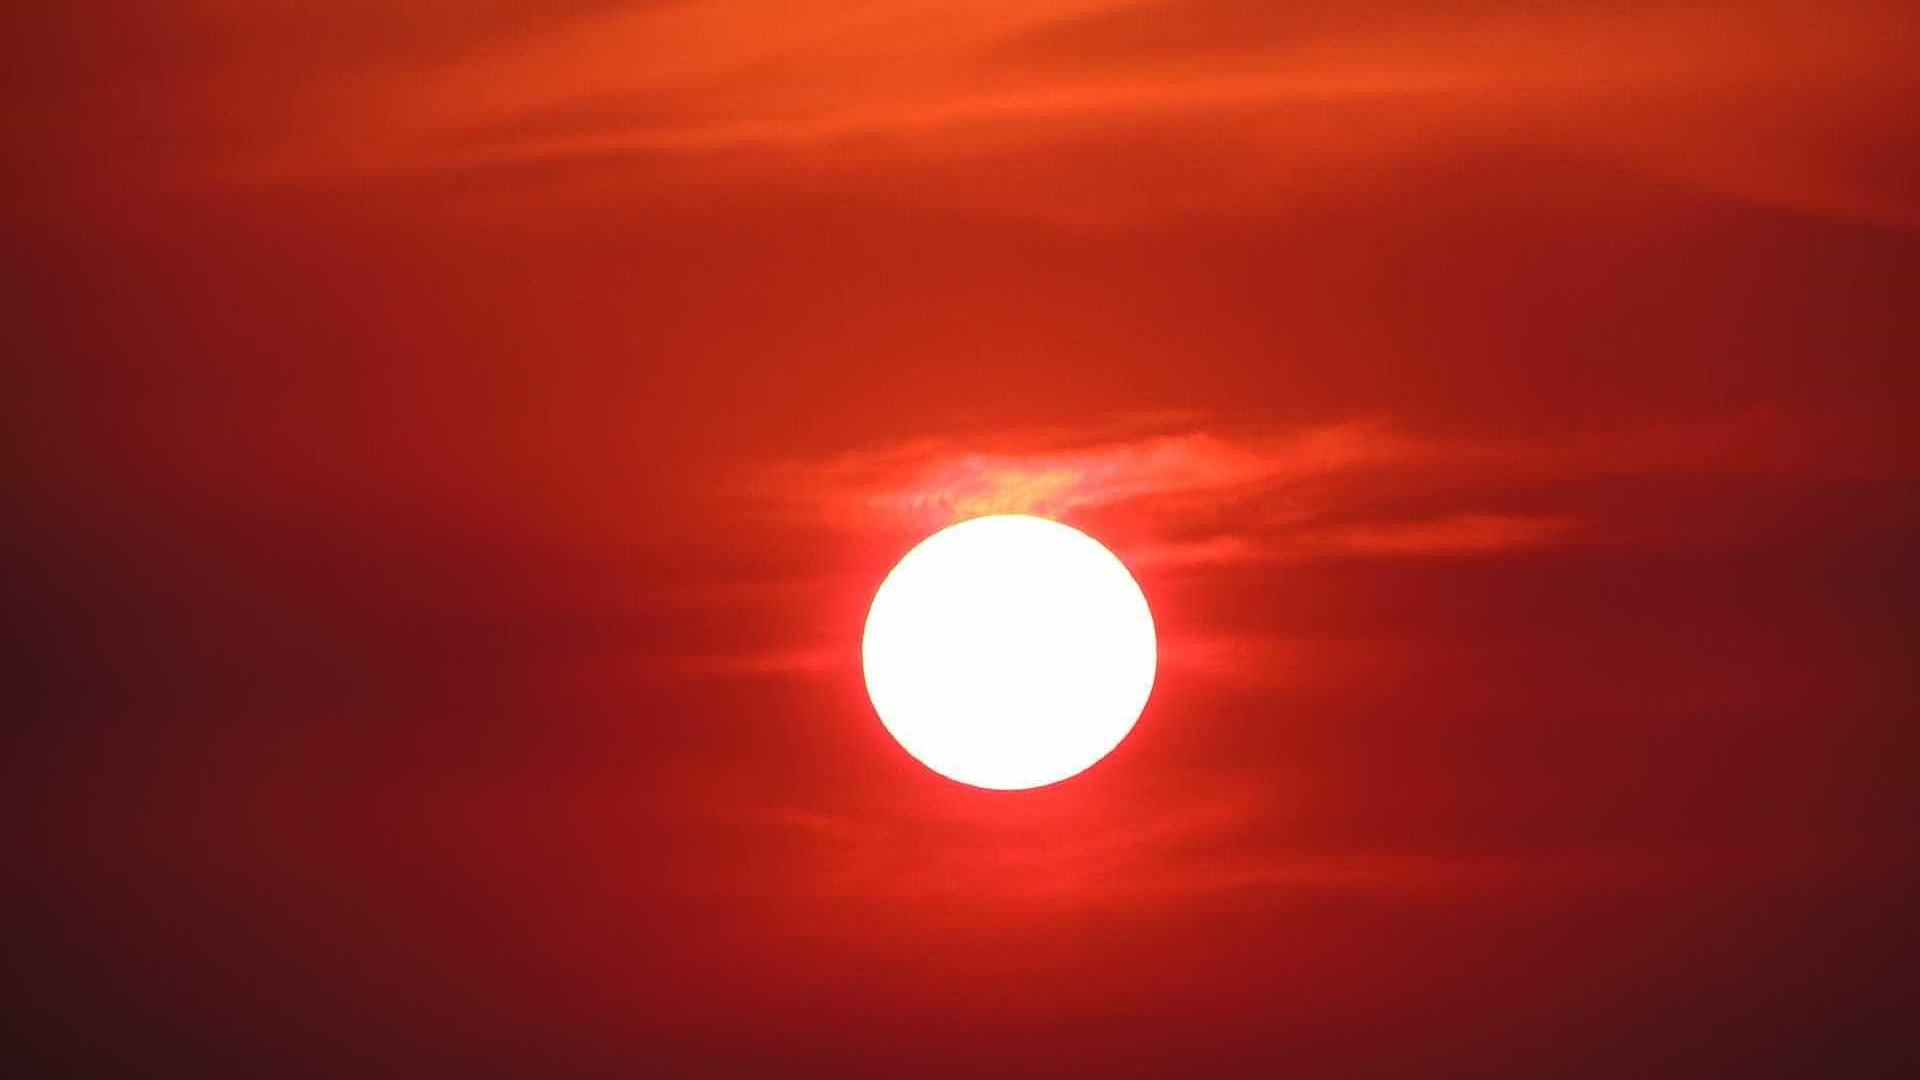 Vídeo parece captar um 'segundo sol' no horizonte